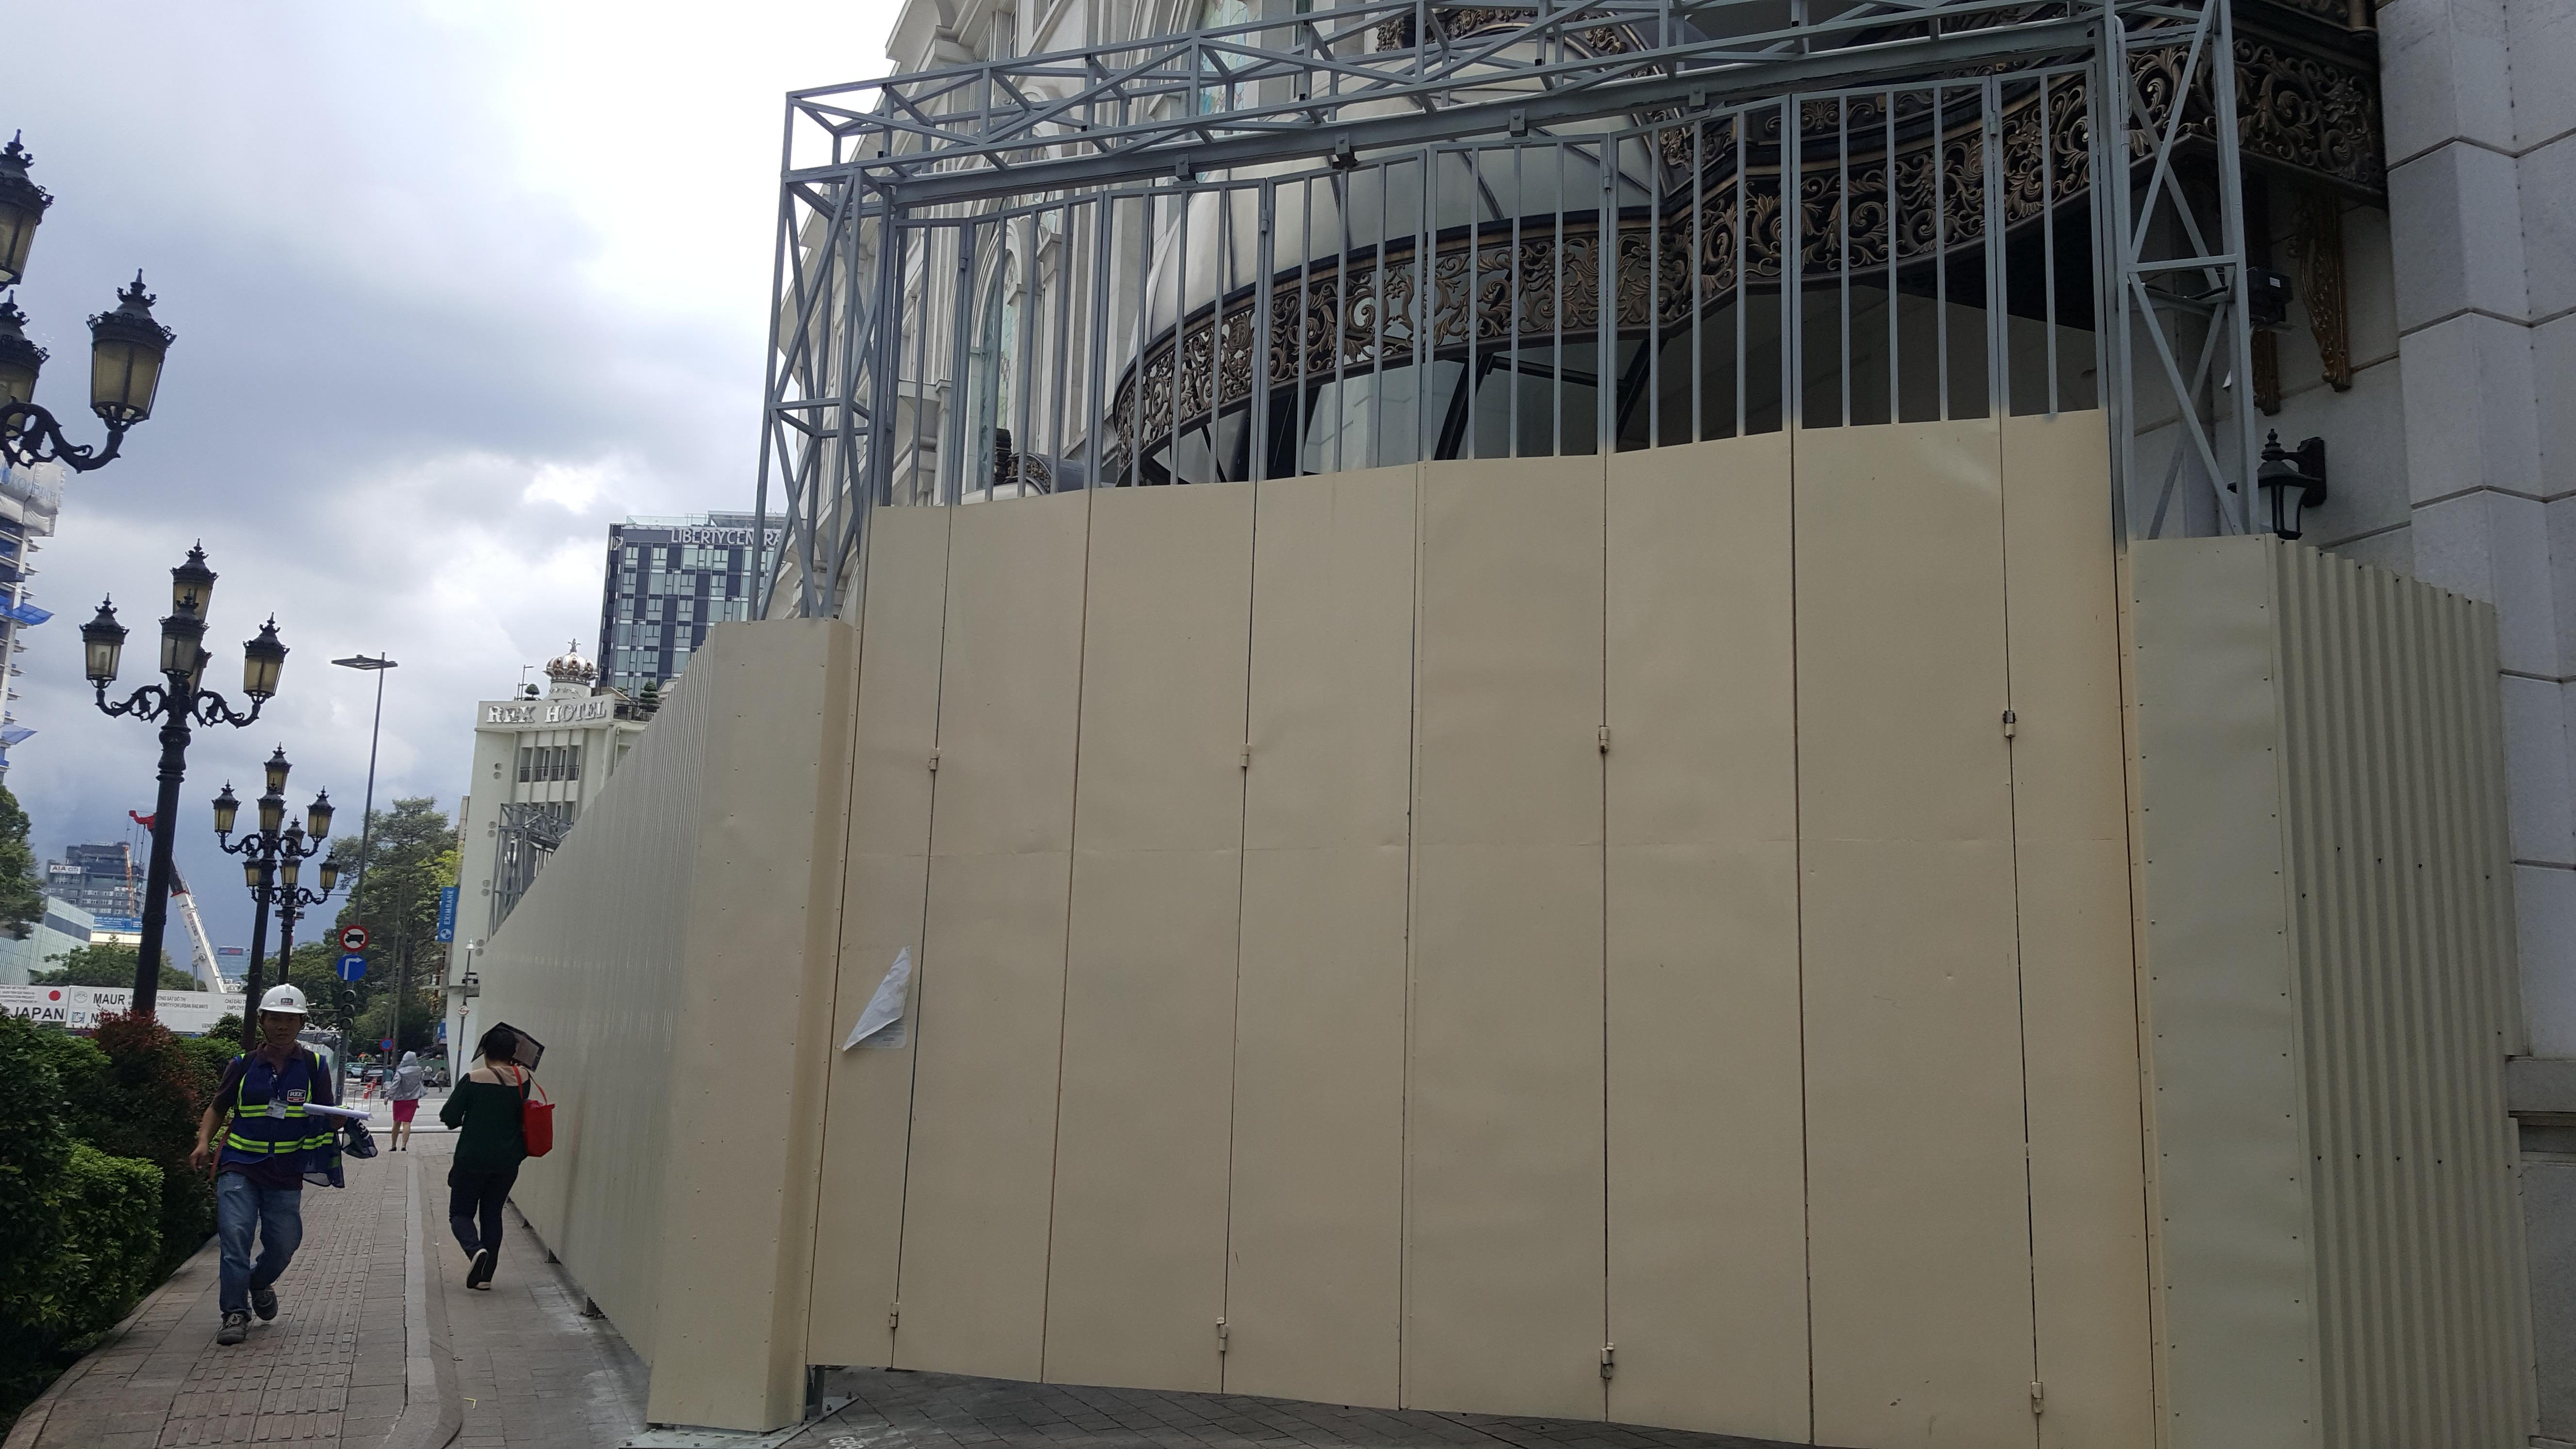 Một phần Union Squera đóng cửa để đầu tư nâng cấp thành khách sạn sang trọng bậc nhất TPHCM